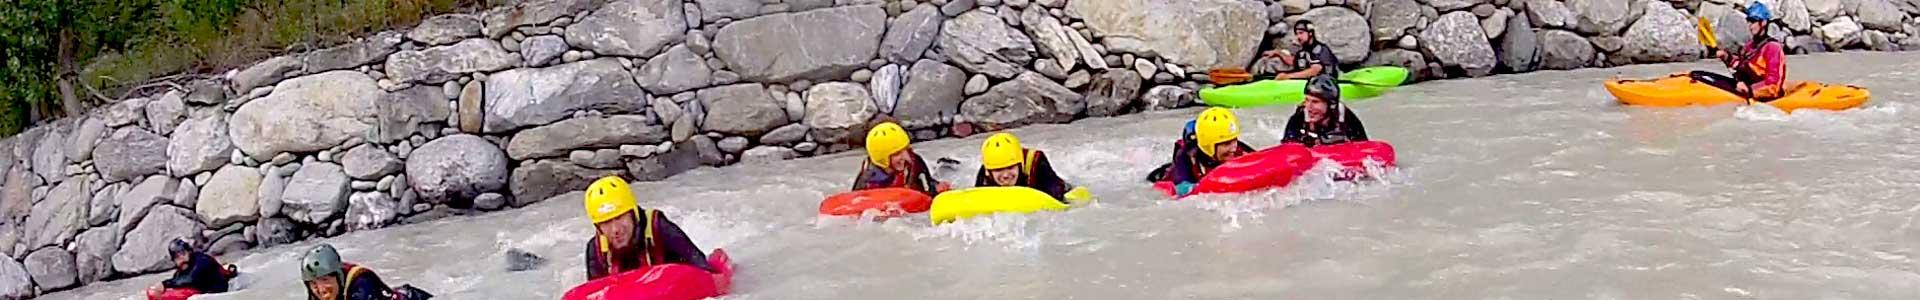 hydrospeed valle d'aosta